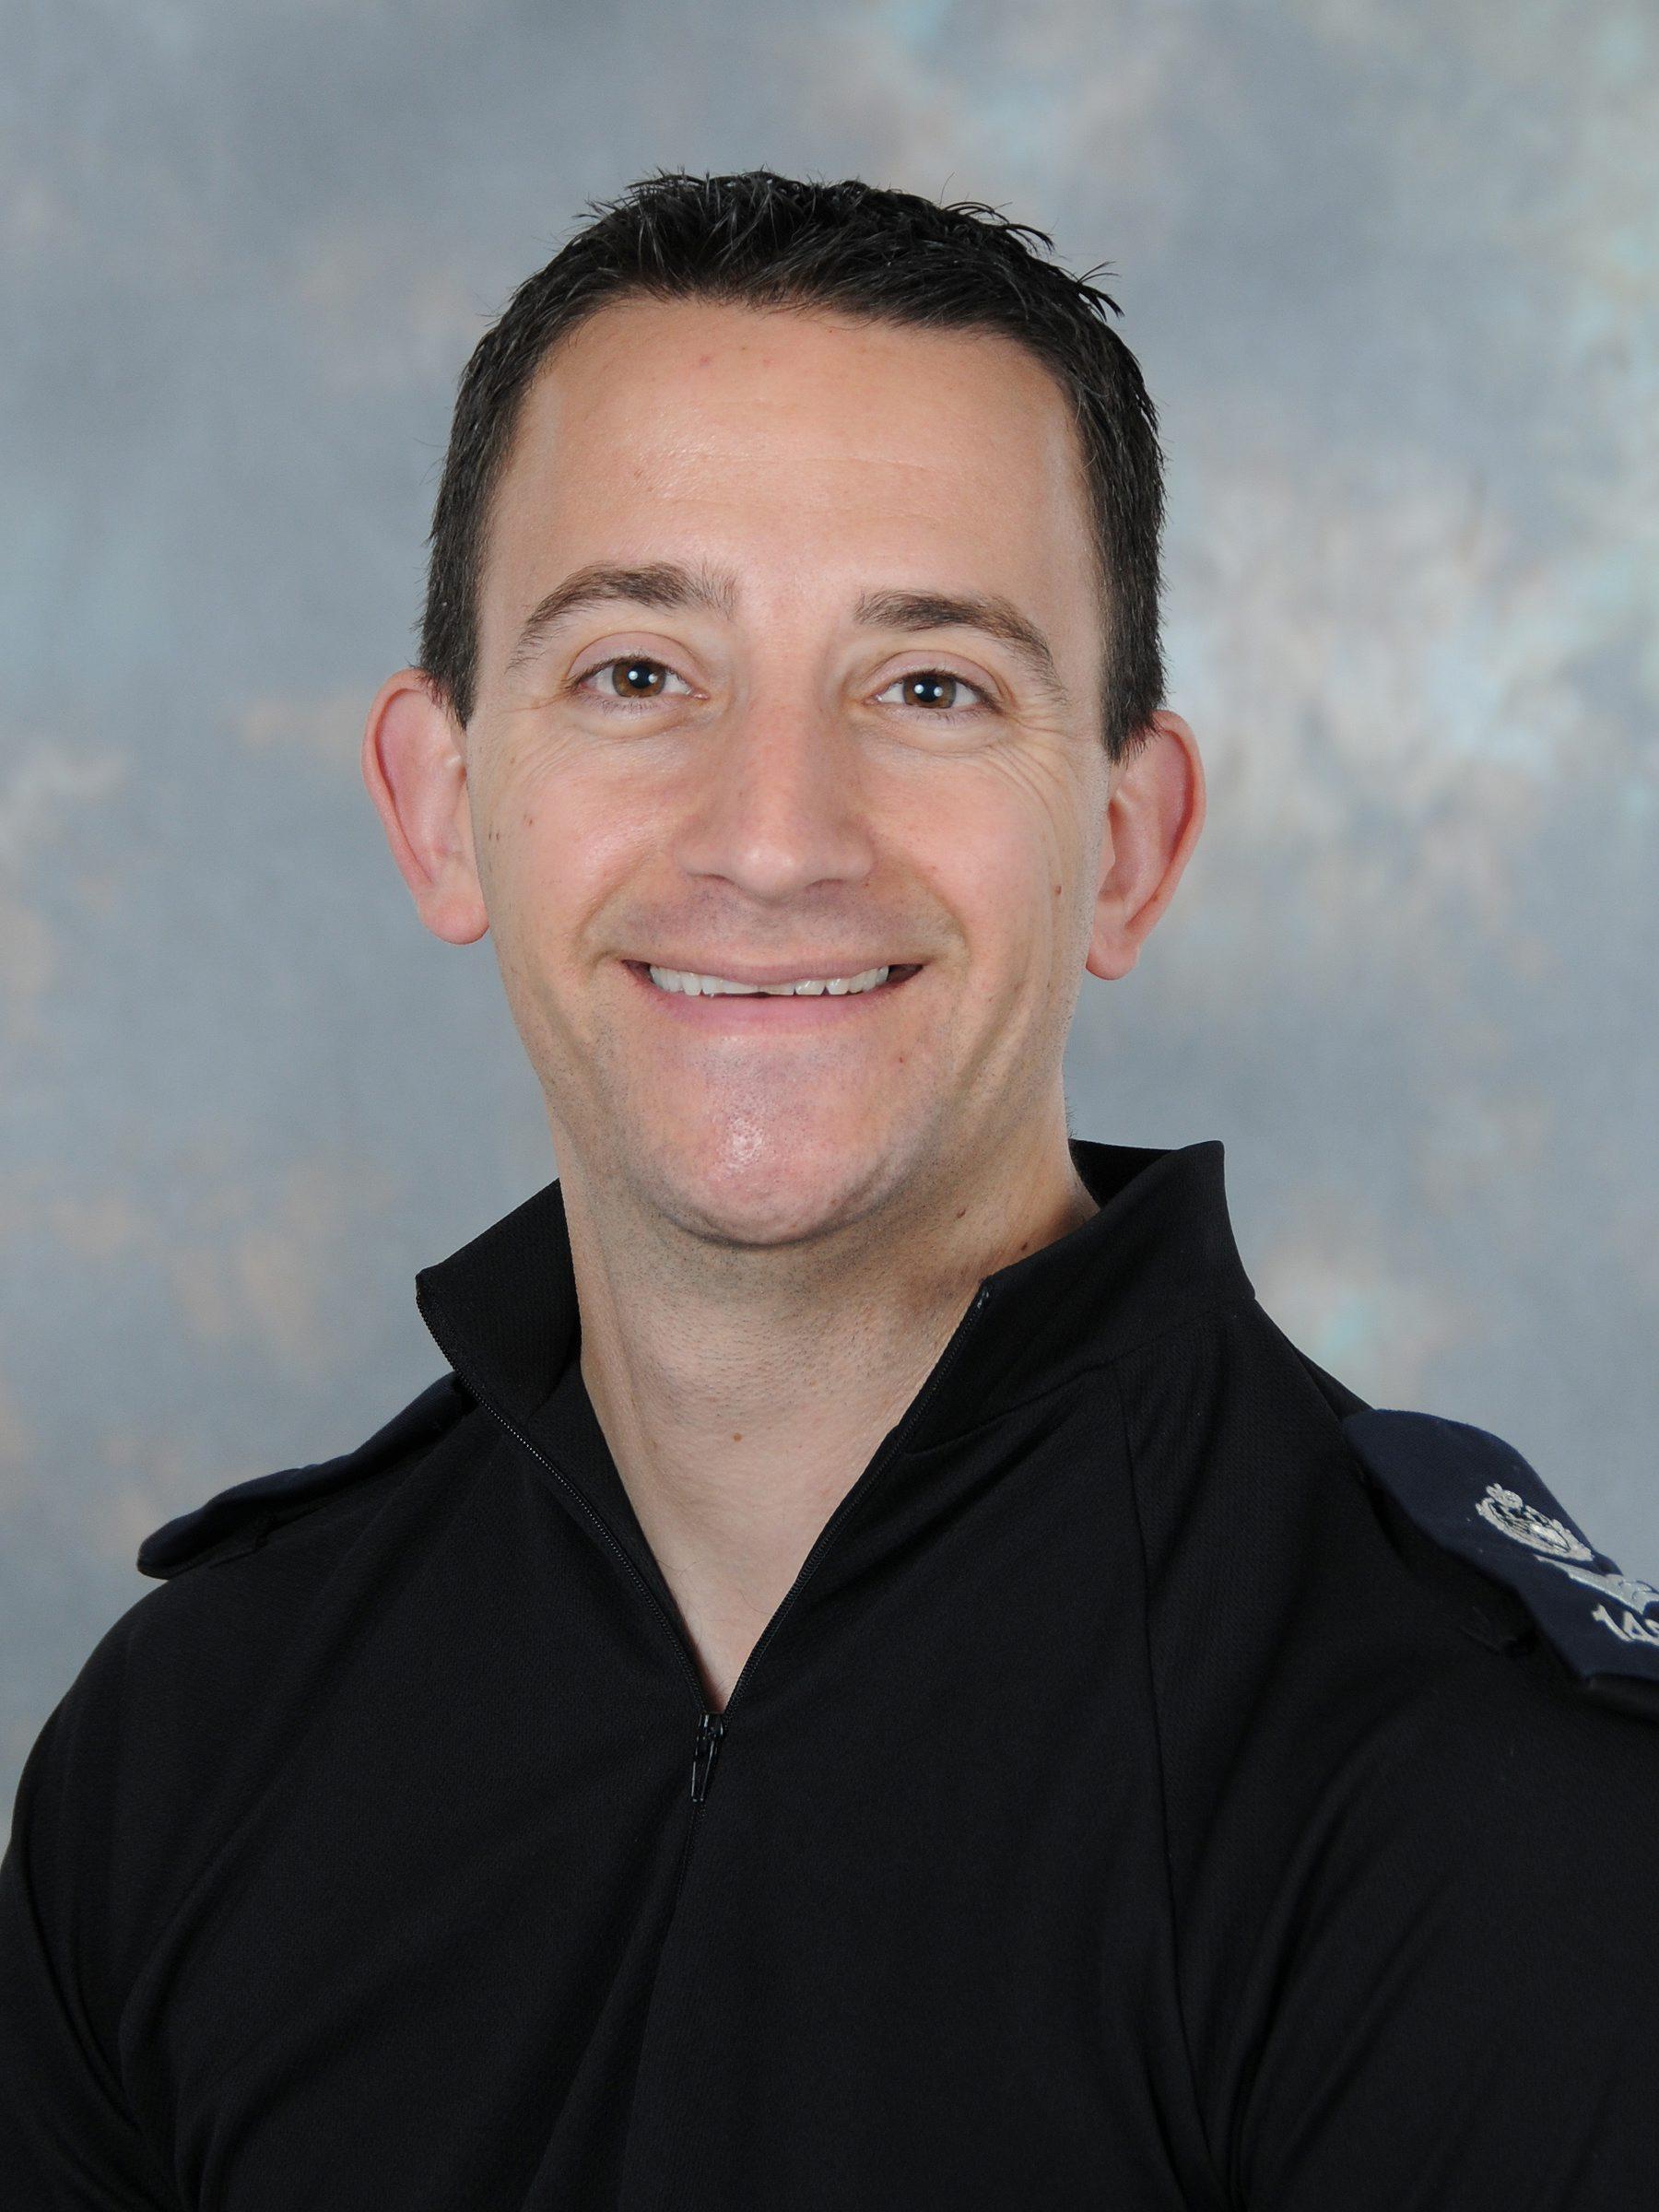 Sgt Toby Gosden